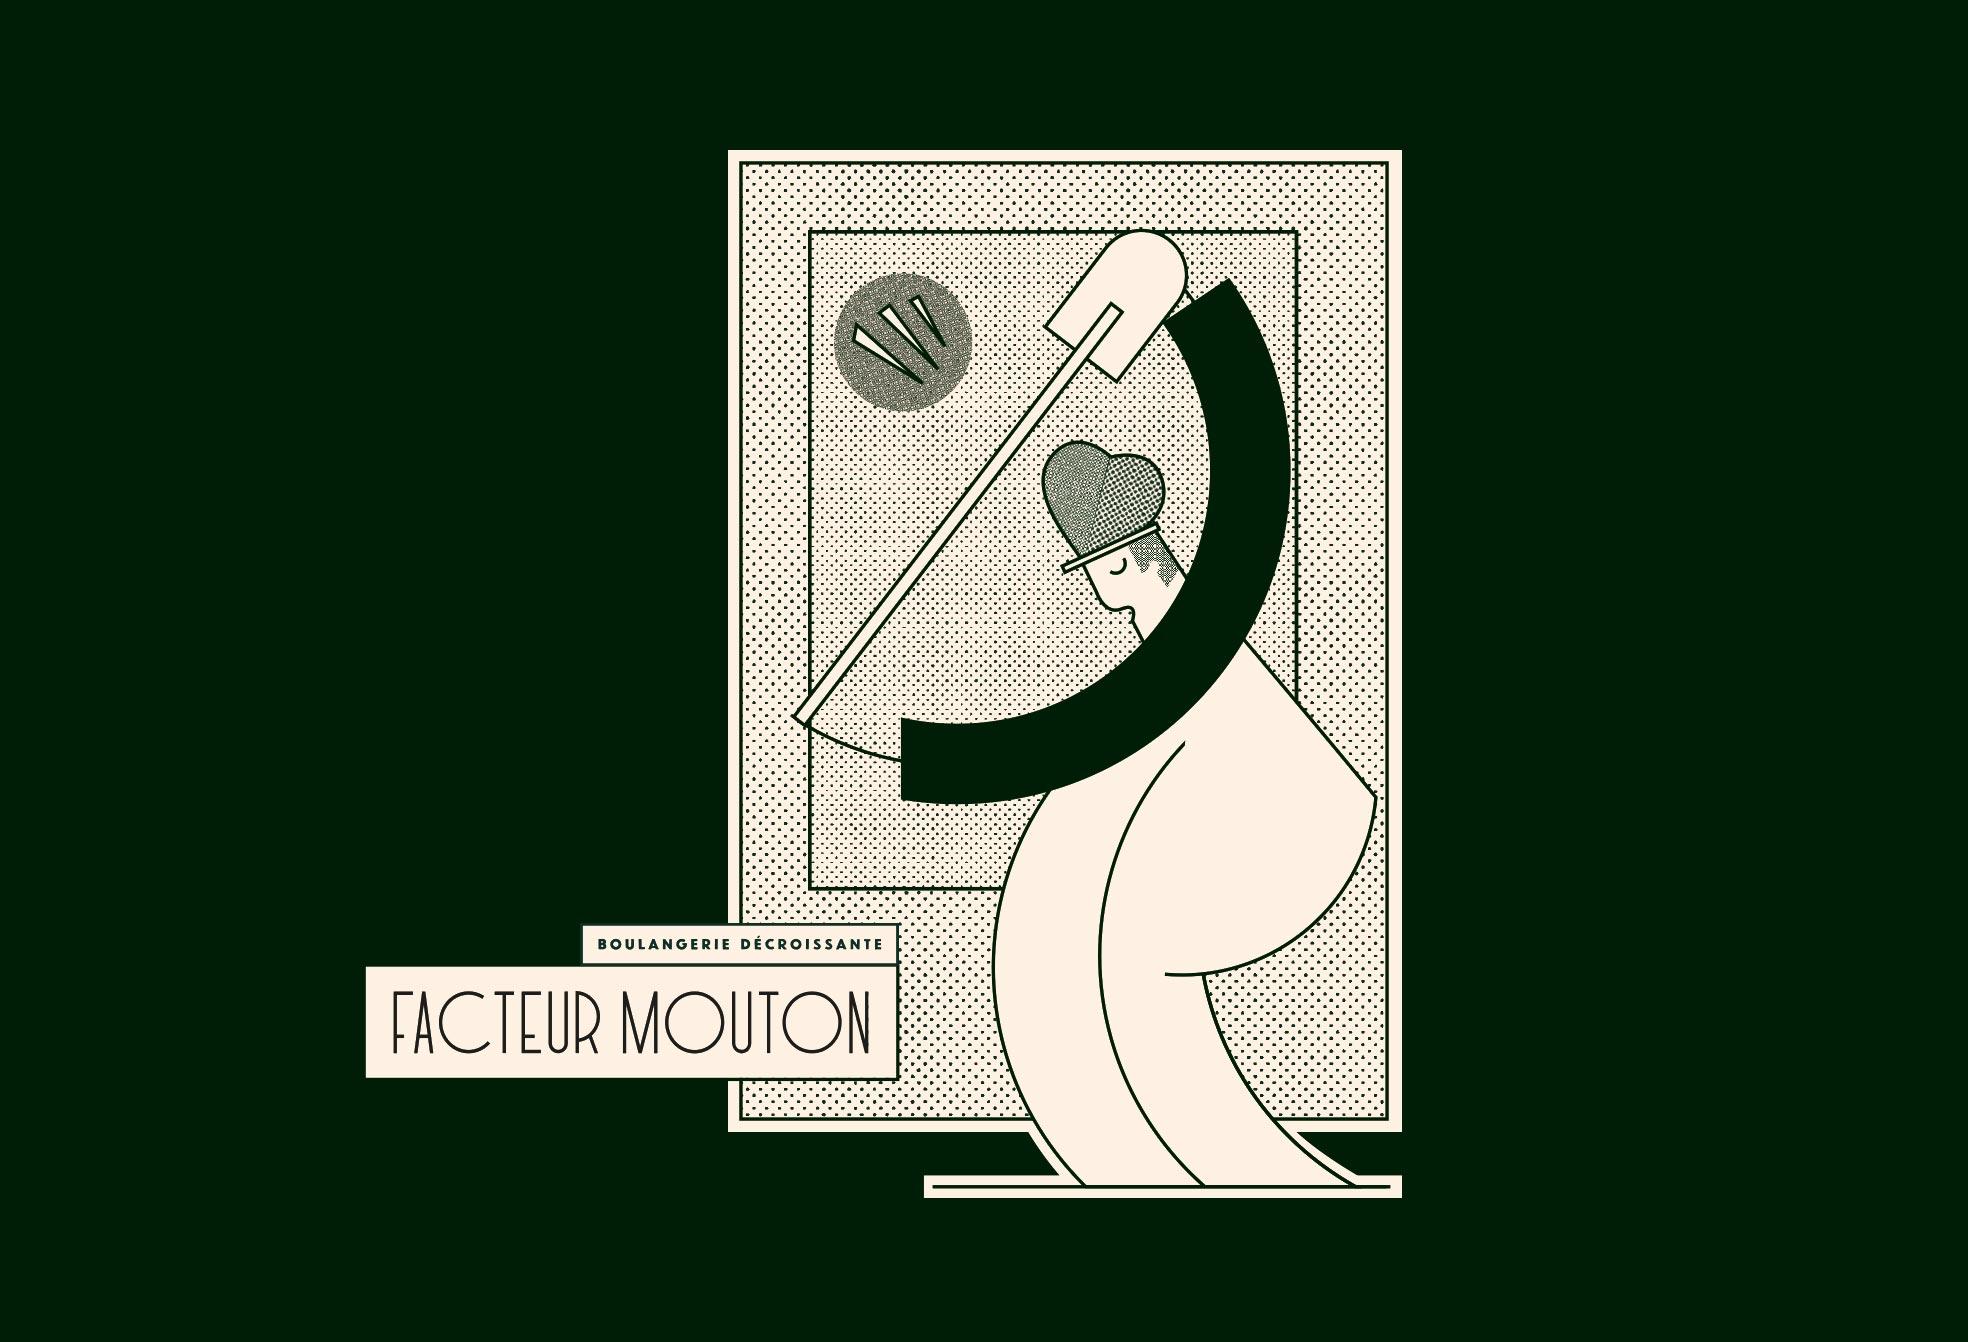 Facteur-mouton-logo-boulangerie40